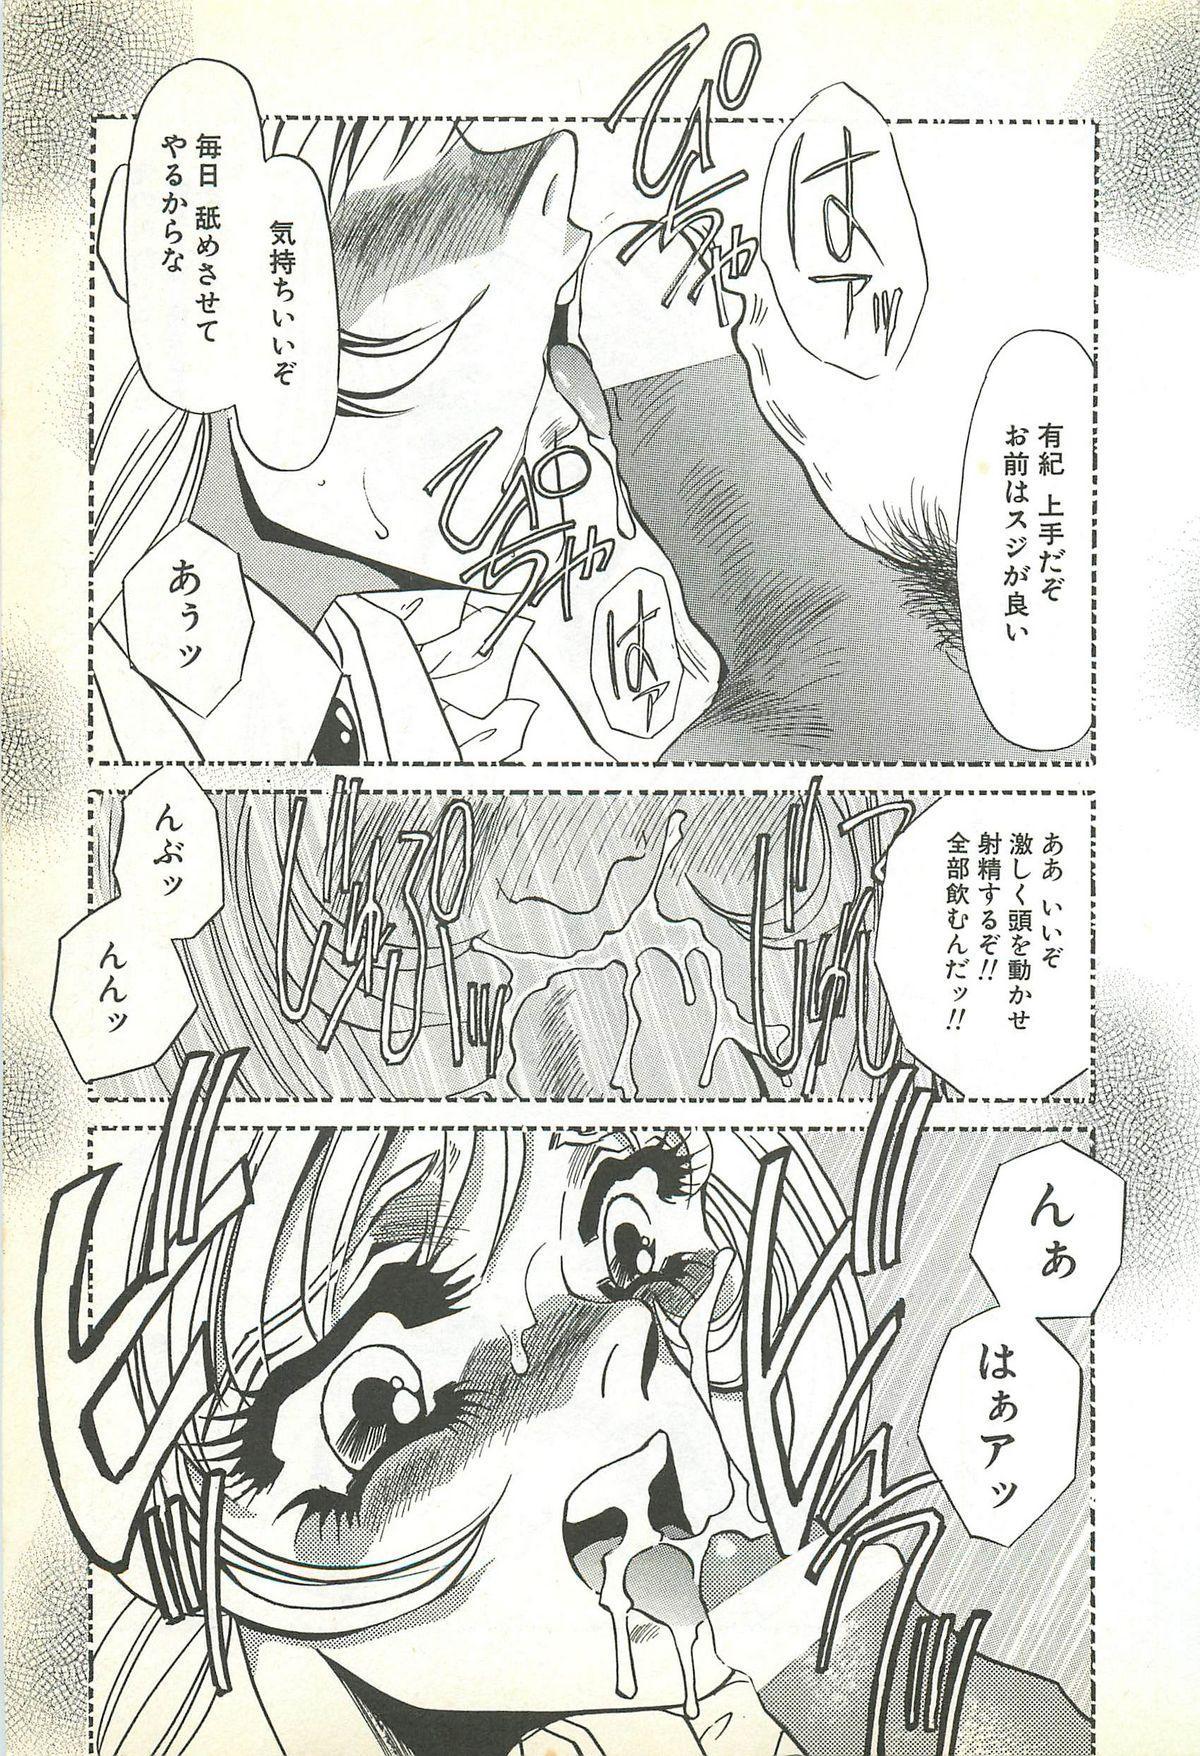 Chigyaku no Heya - A Shameful Punishment Room 9